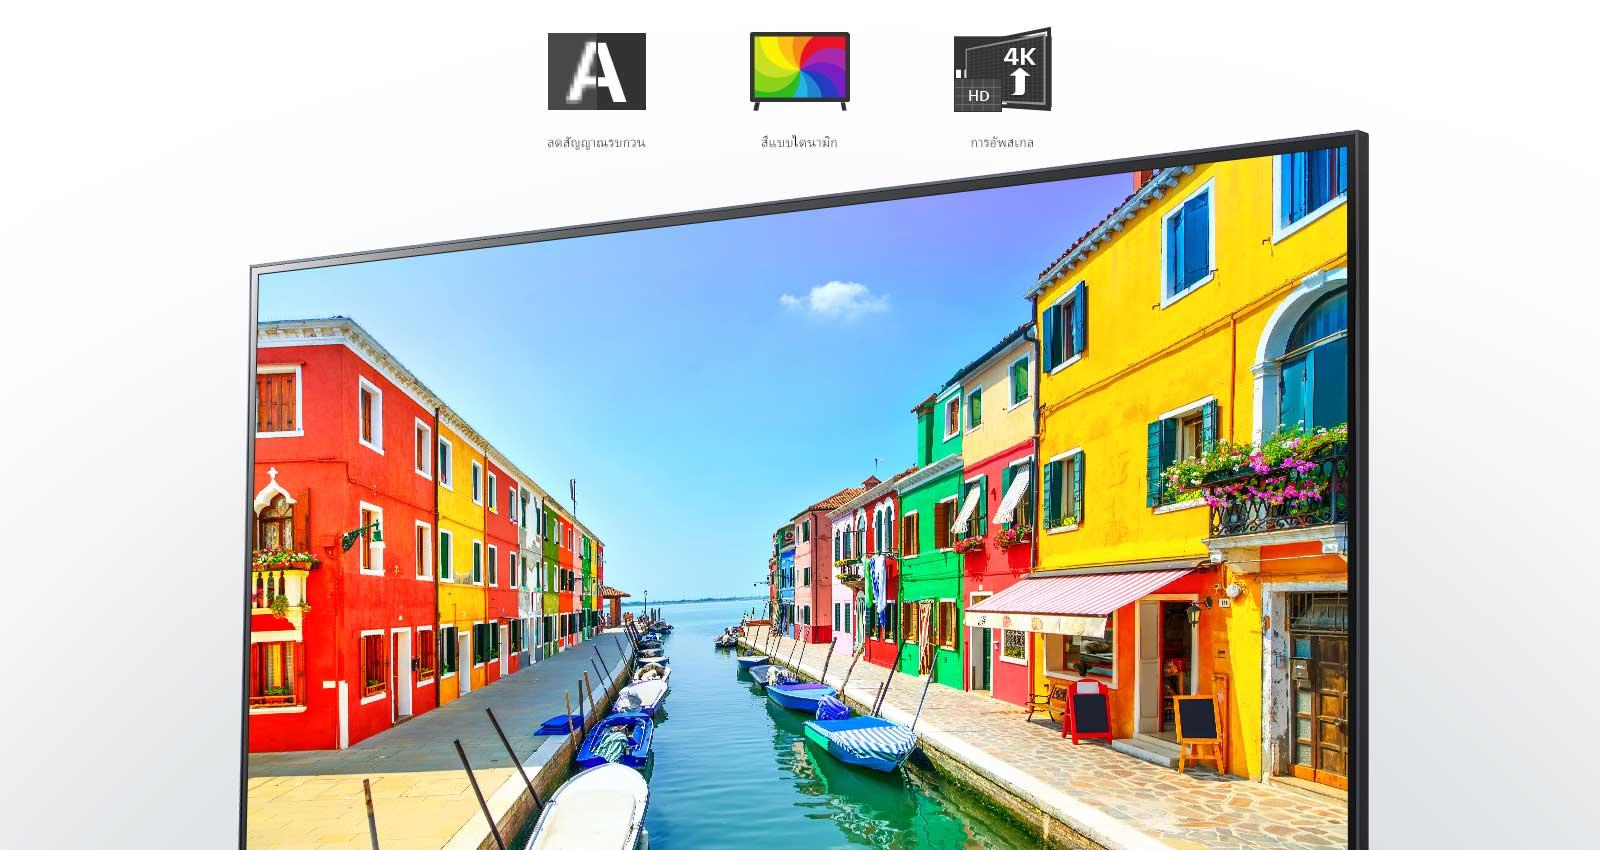 จอทีวีแสดงภาพเมืองท่าที่มีอาคารหลากสีและเรือขนาดเล็กจอดเทียบท่าตลอดแนวท่าเรือที่แคบและยาว